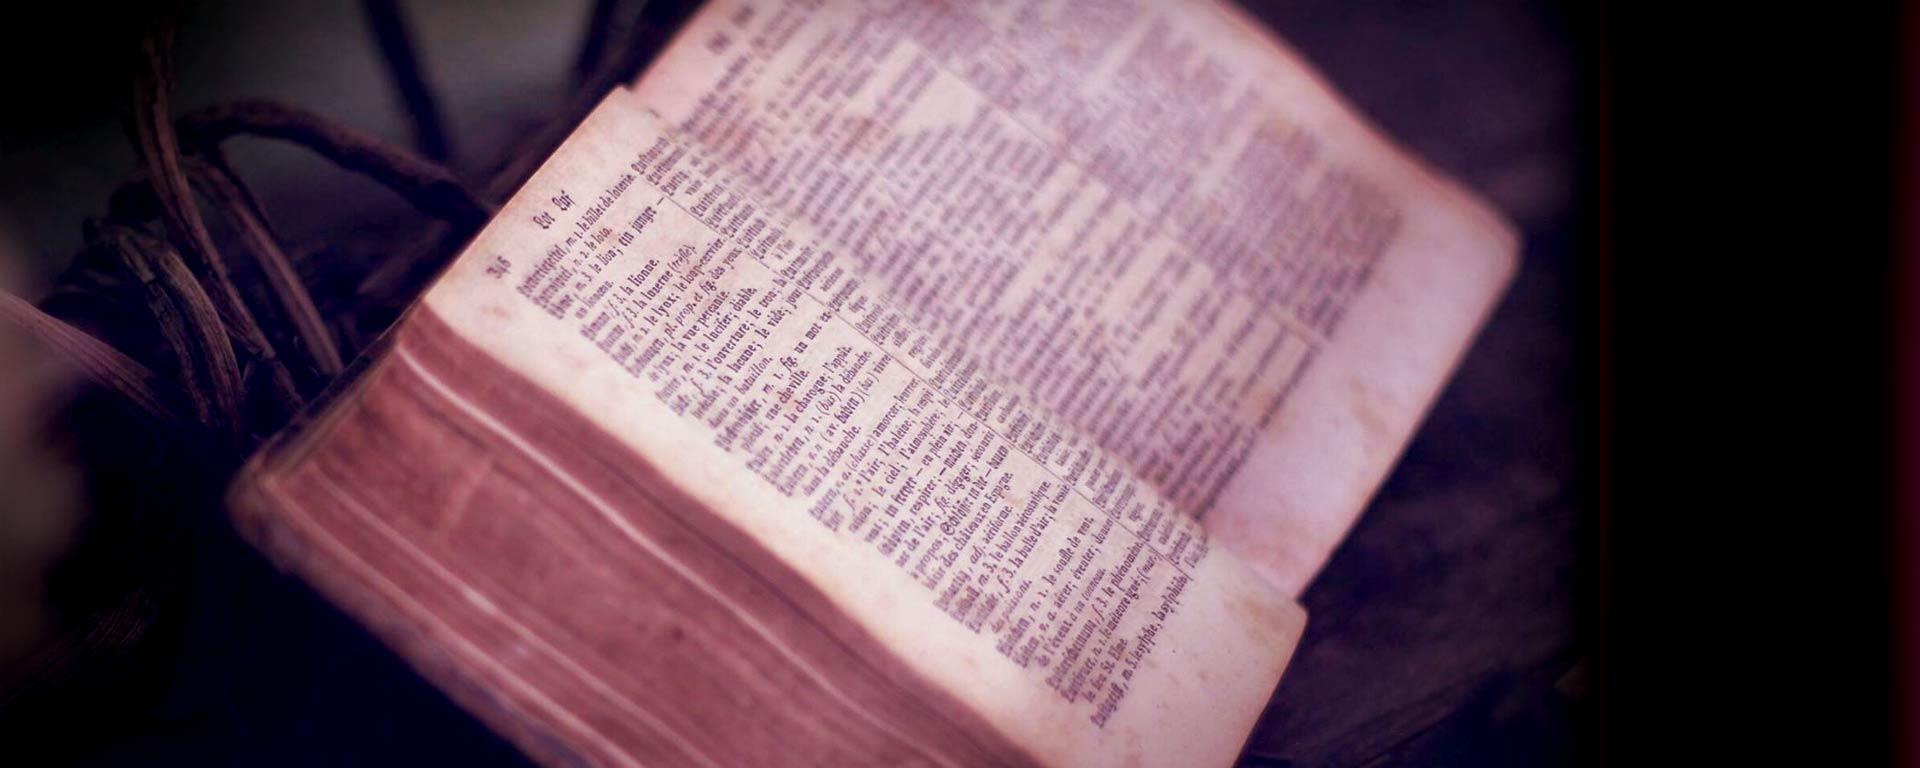 Evangelierna uppfattades som ögonvittnesskildringarav människor som antingen.